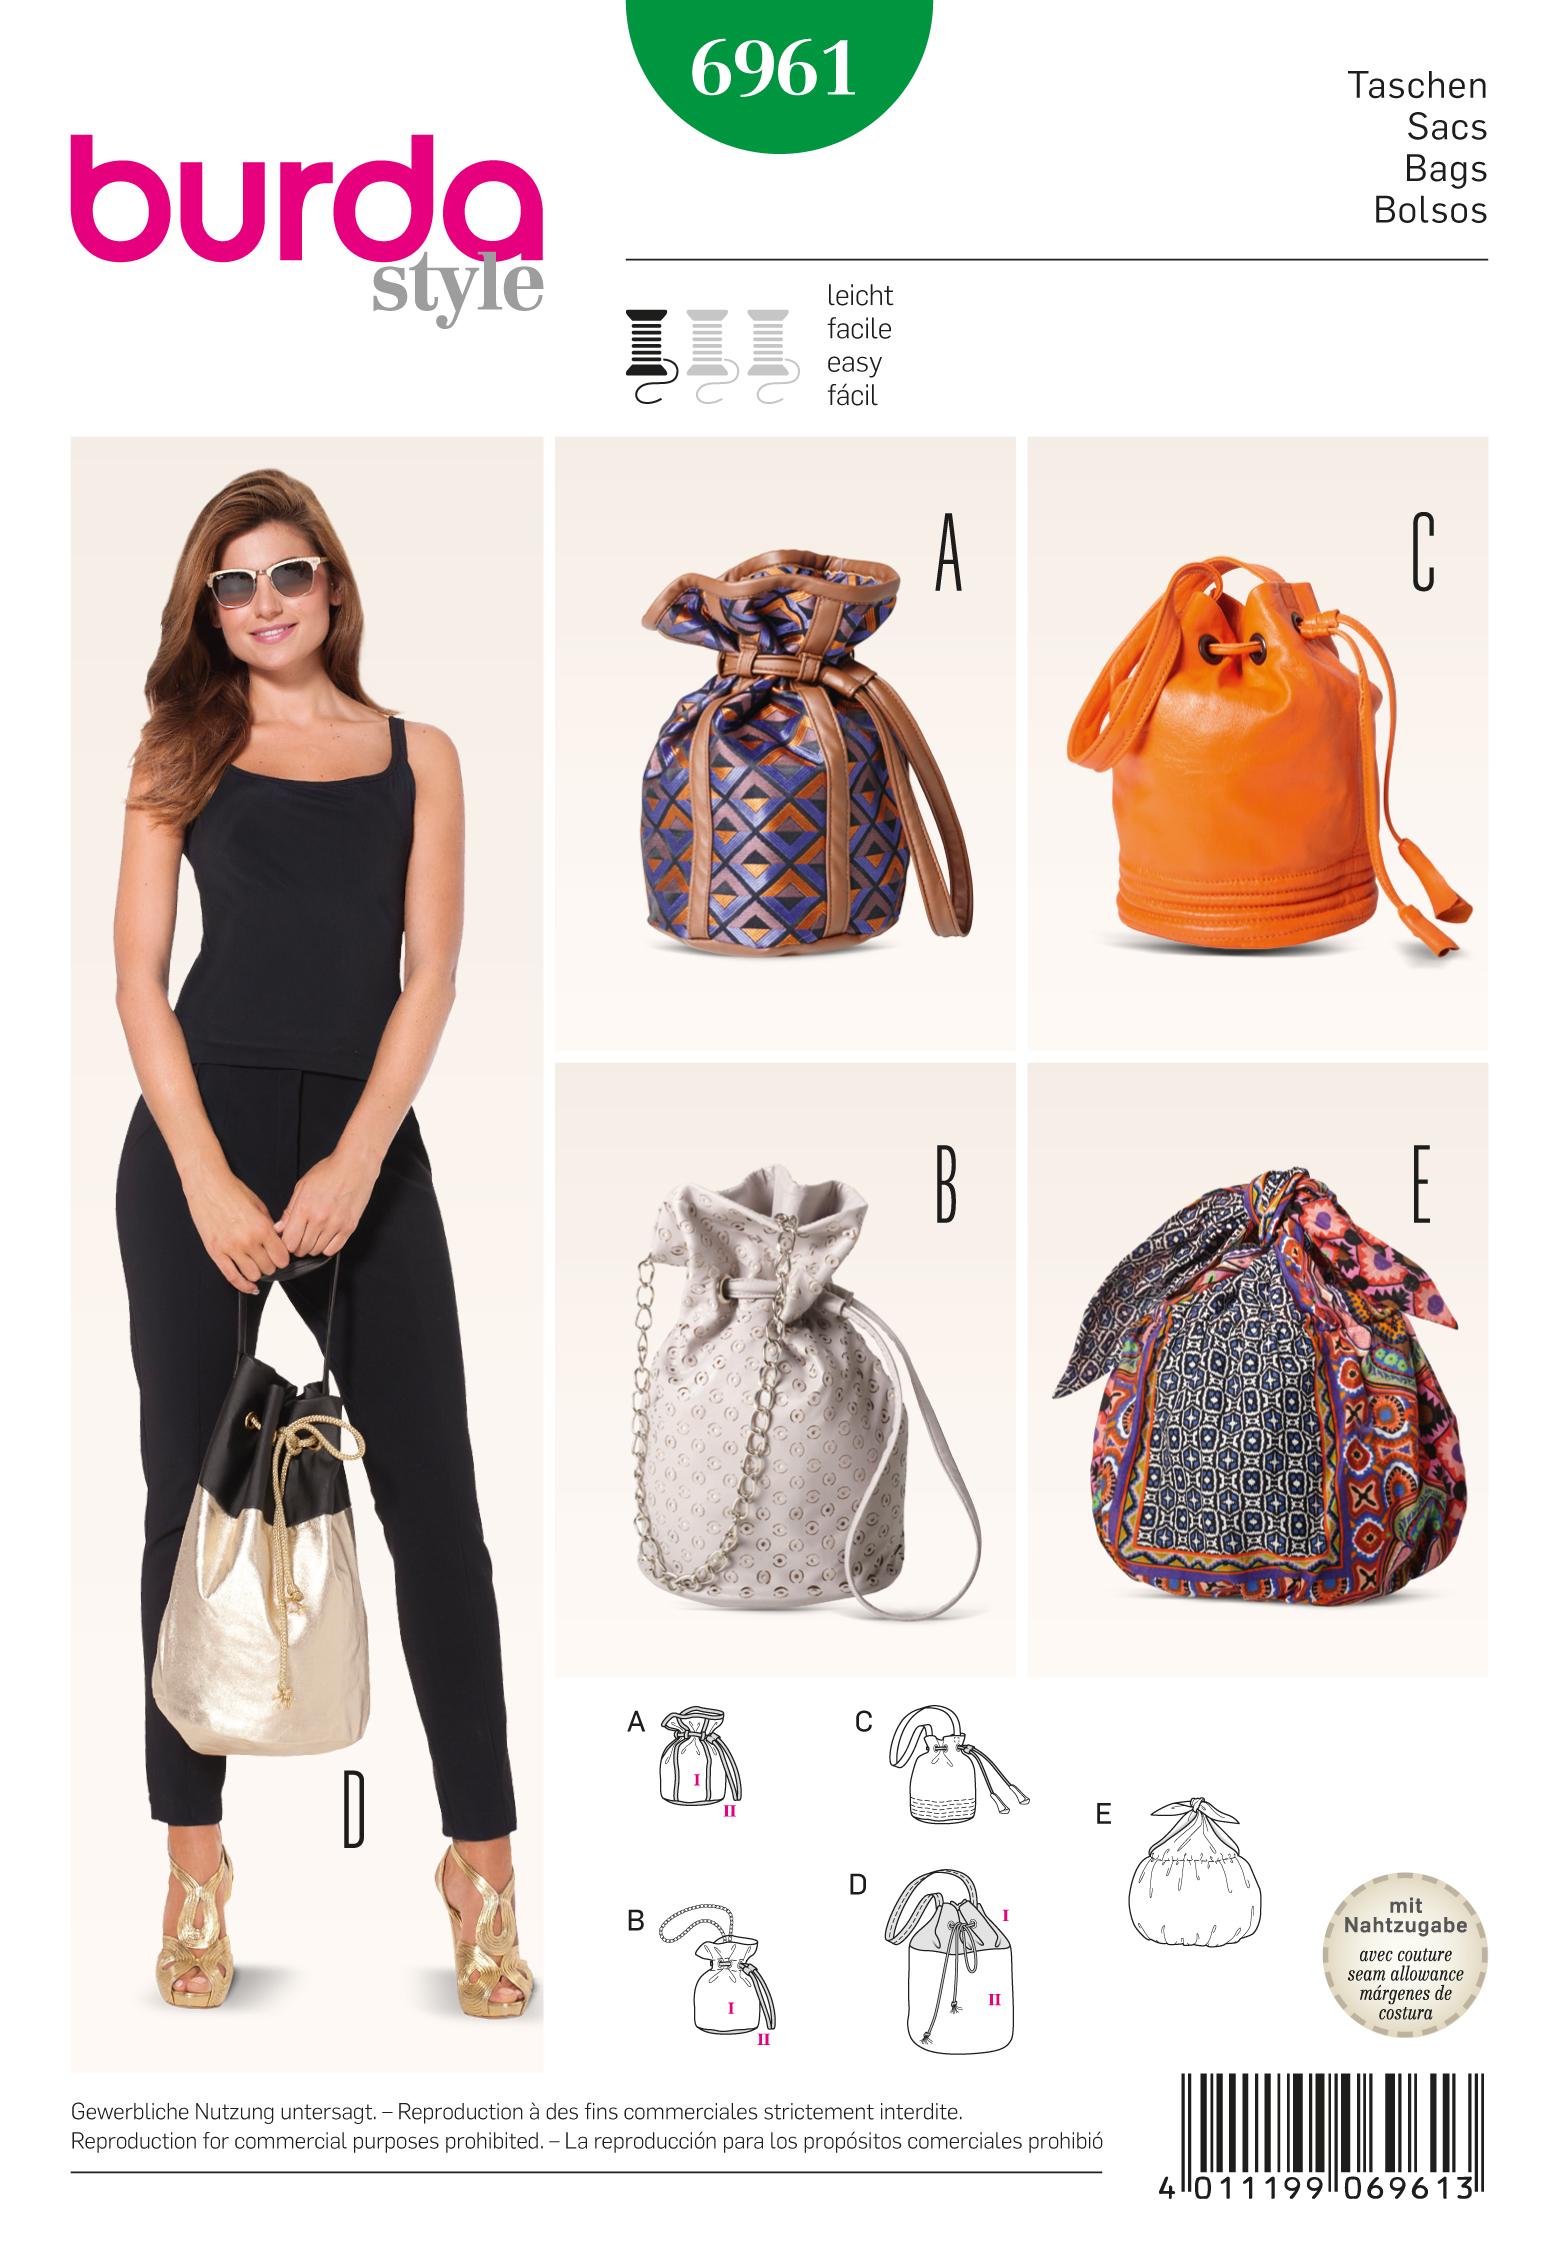 Burda Drawstring Bags 6961